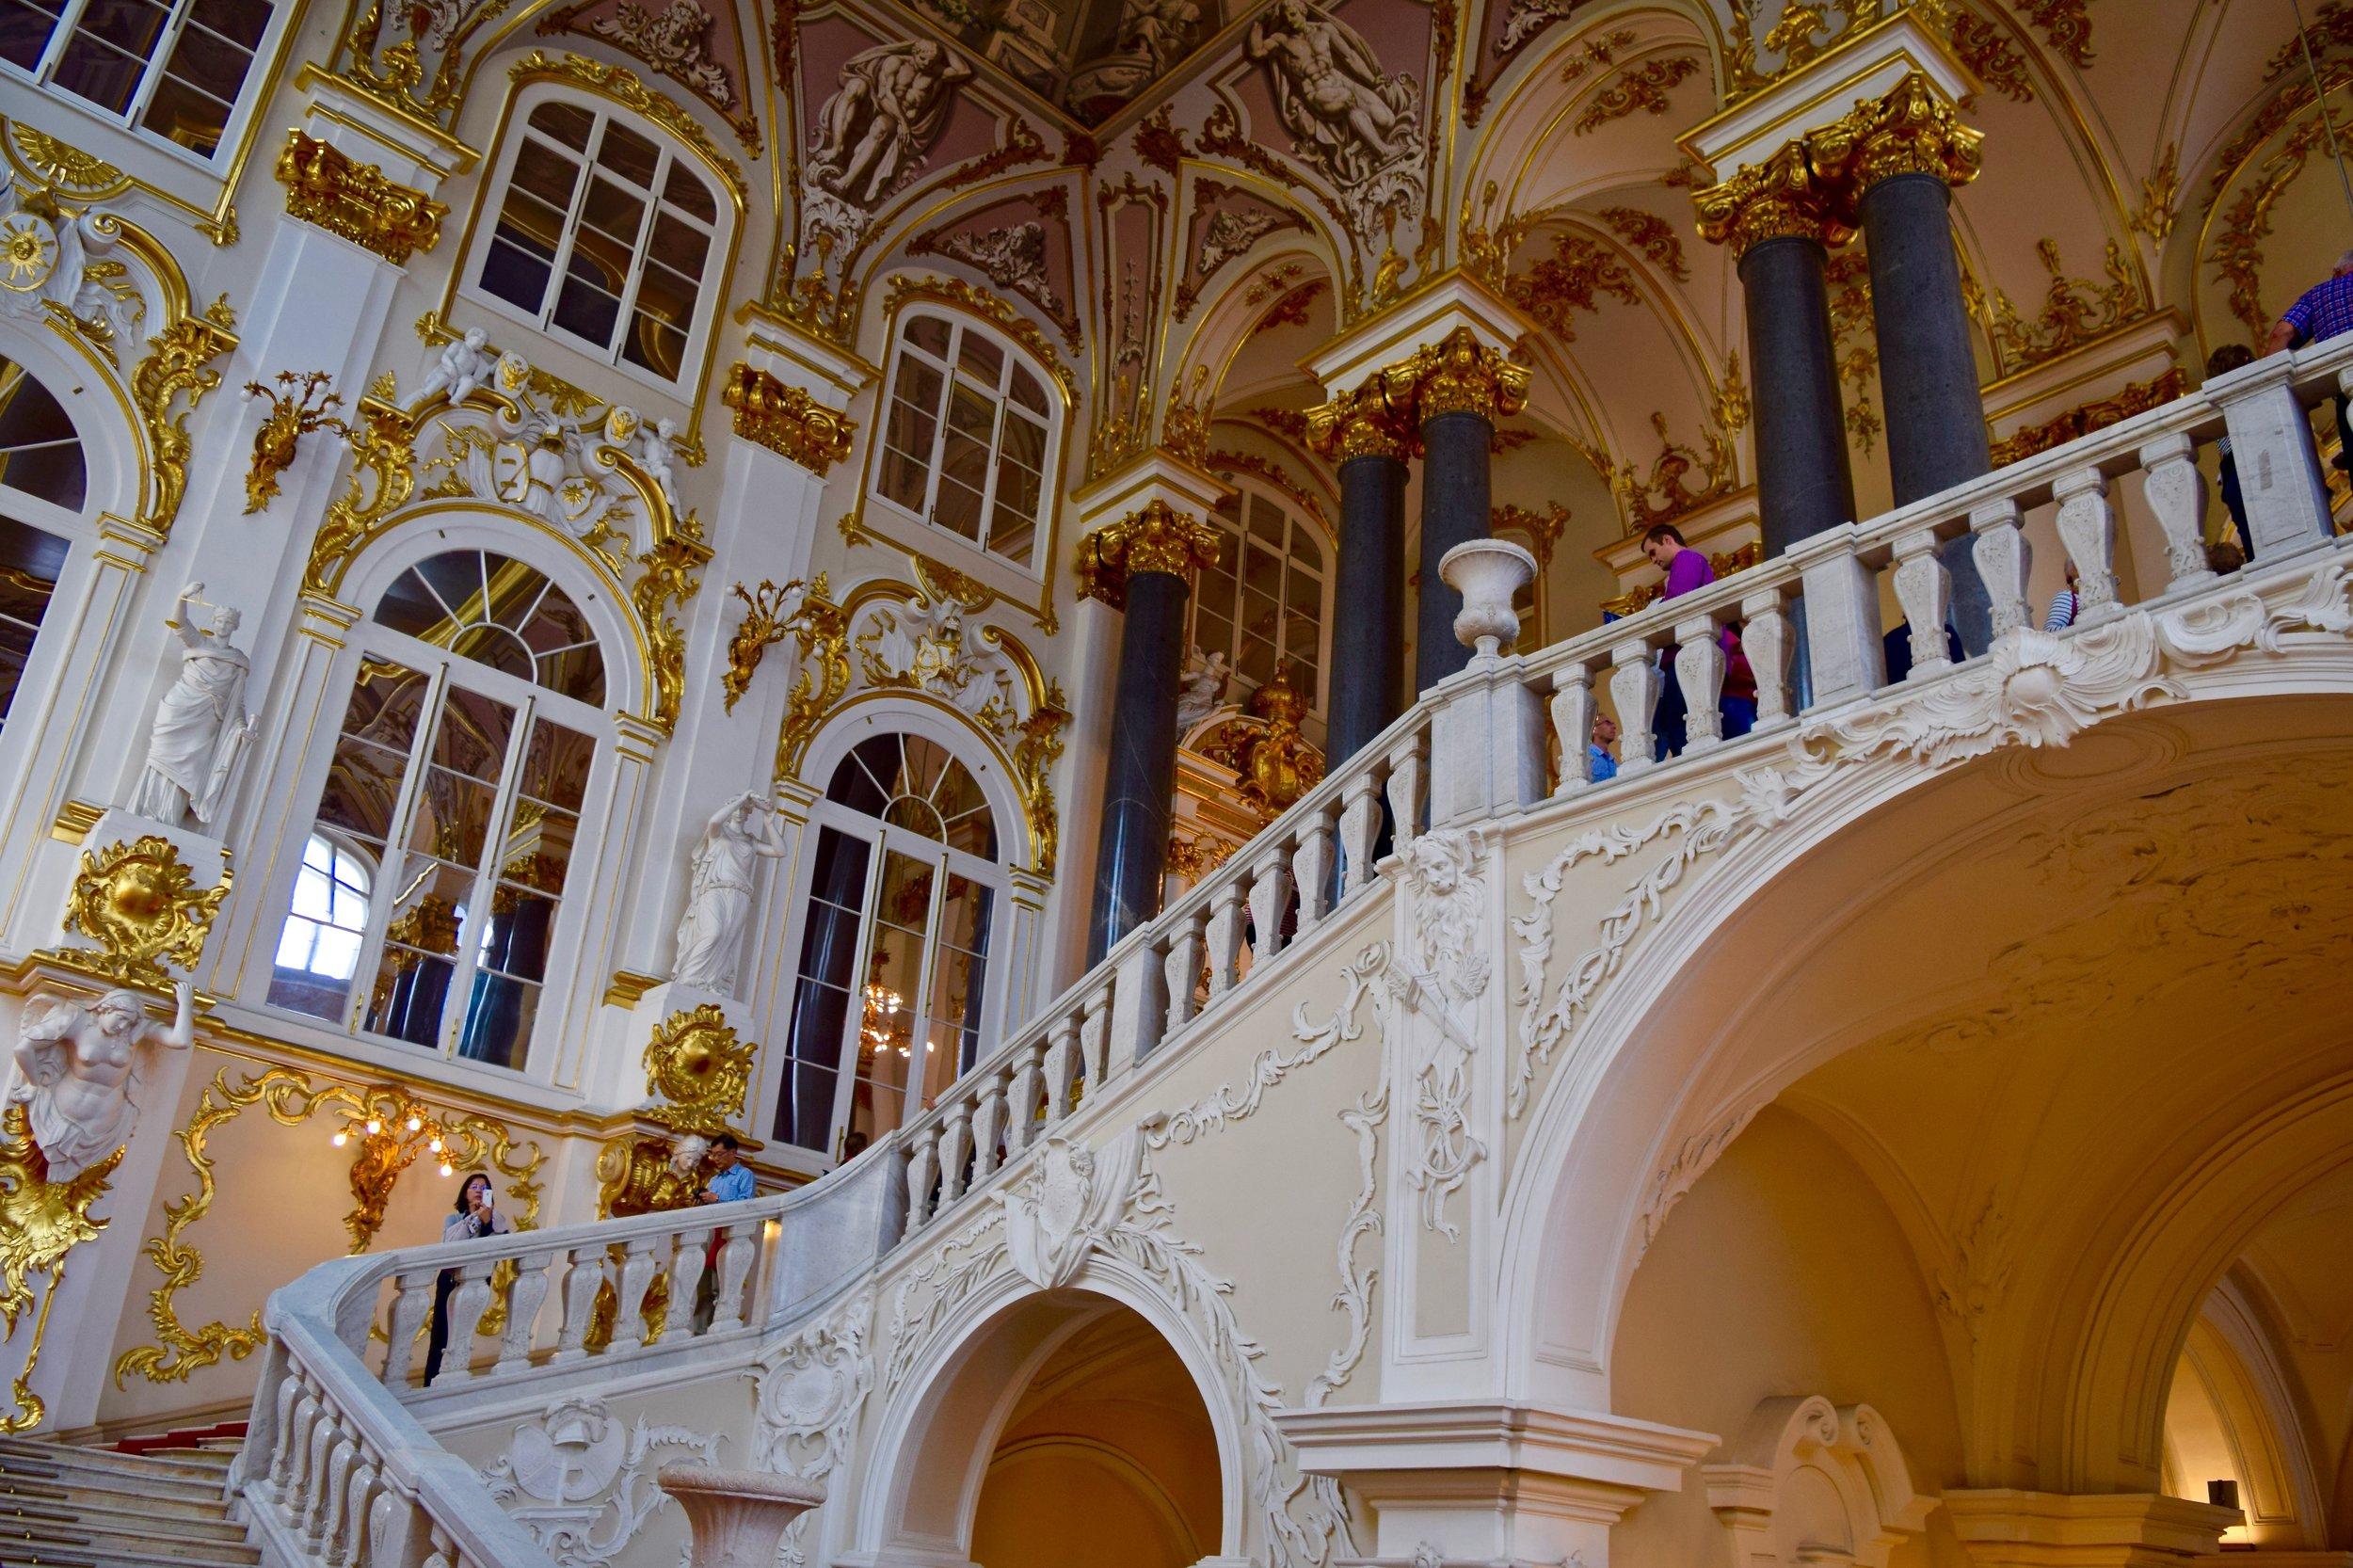 Jordan Gallery & Staircase